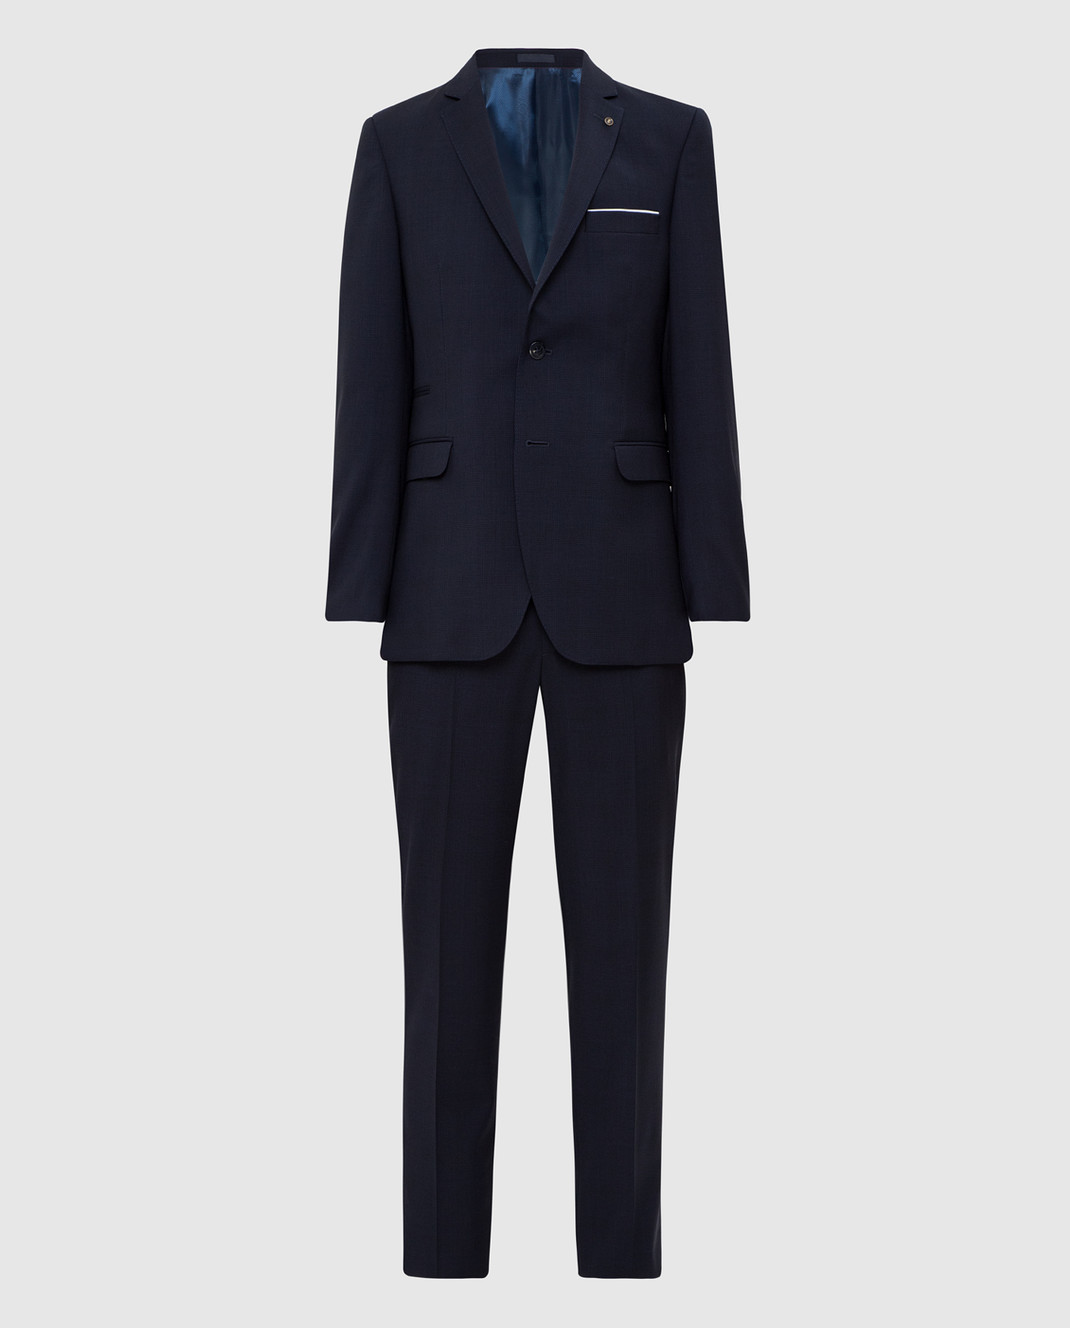 Florentino Темно-синий костюм из шерсти изображение 1